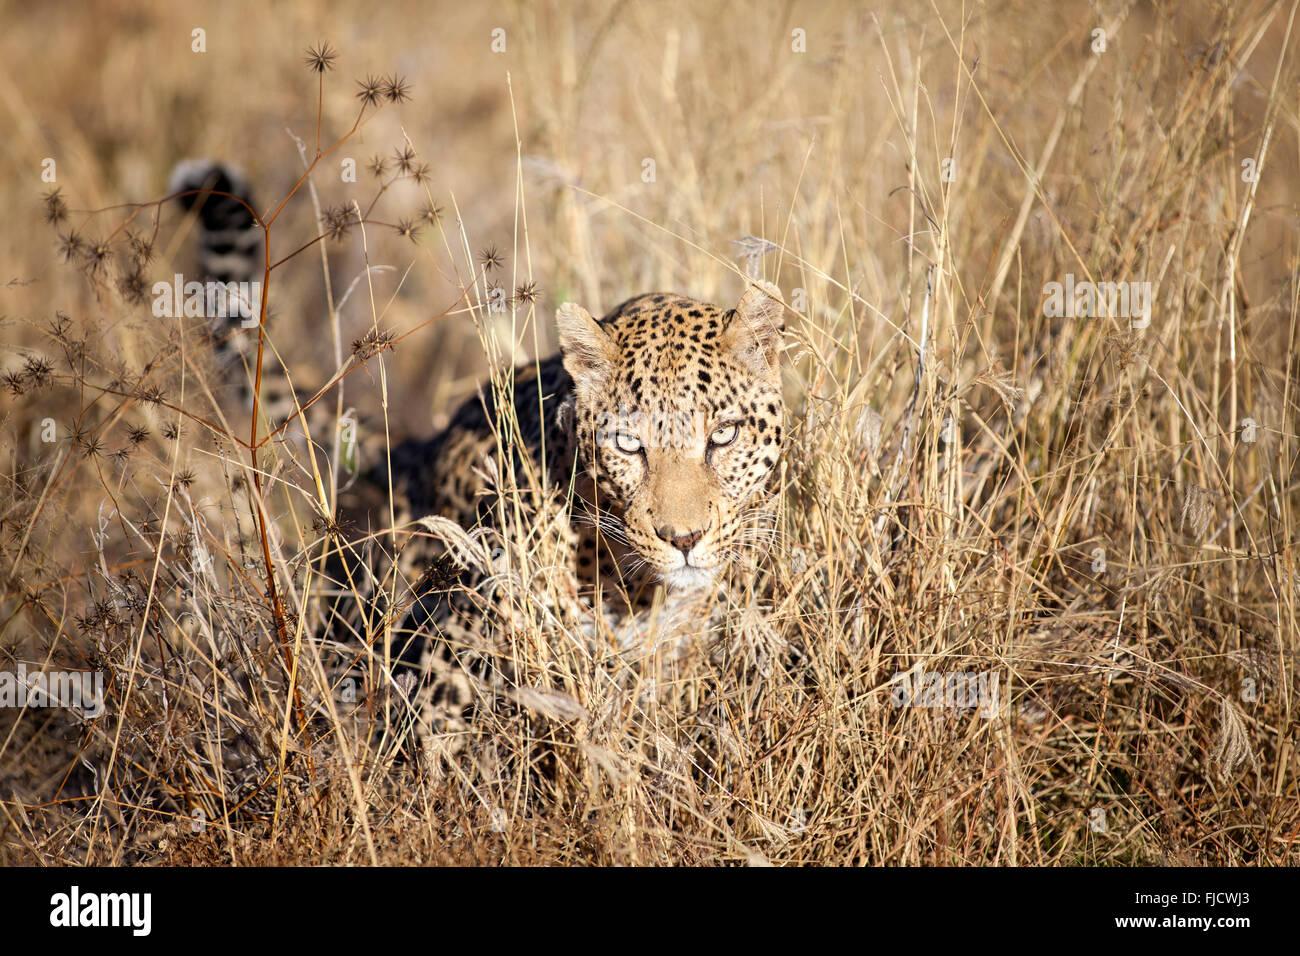 Ein Leopard jagt in die Buschfeld Stockbild